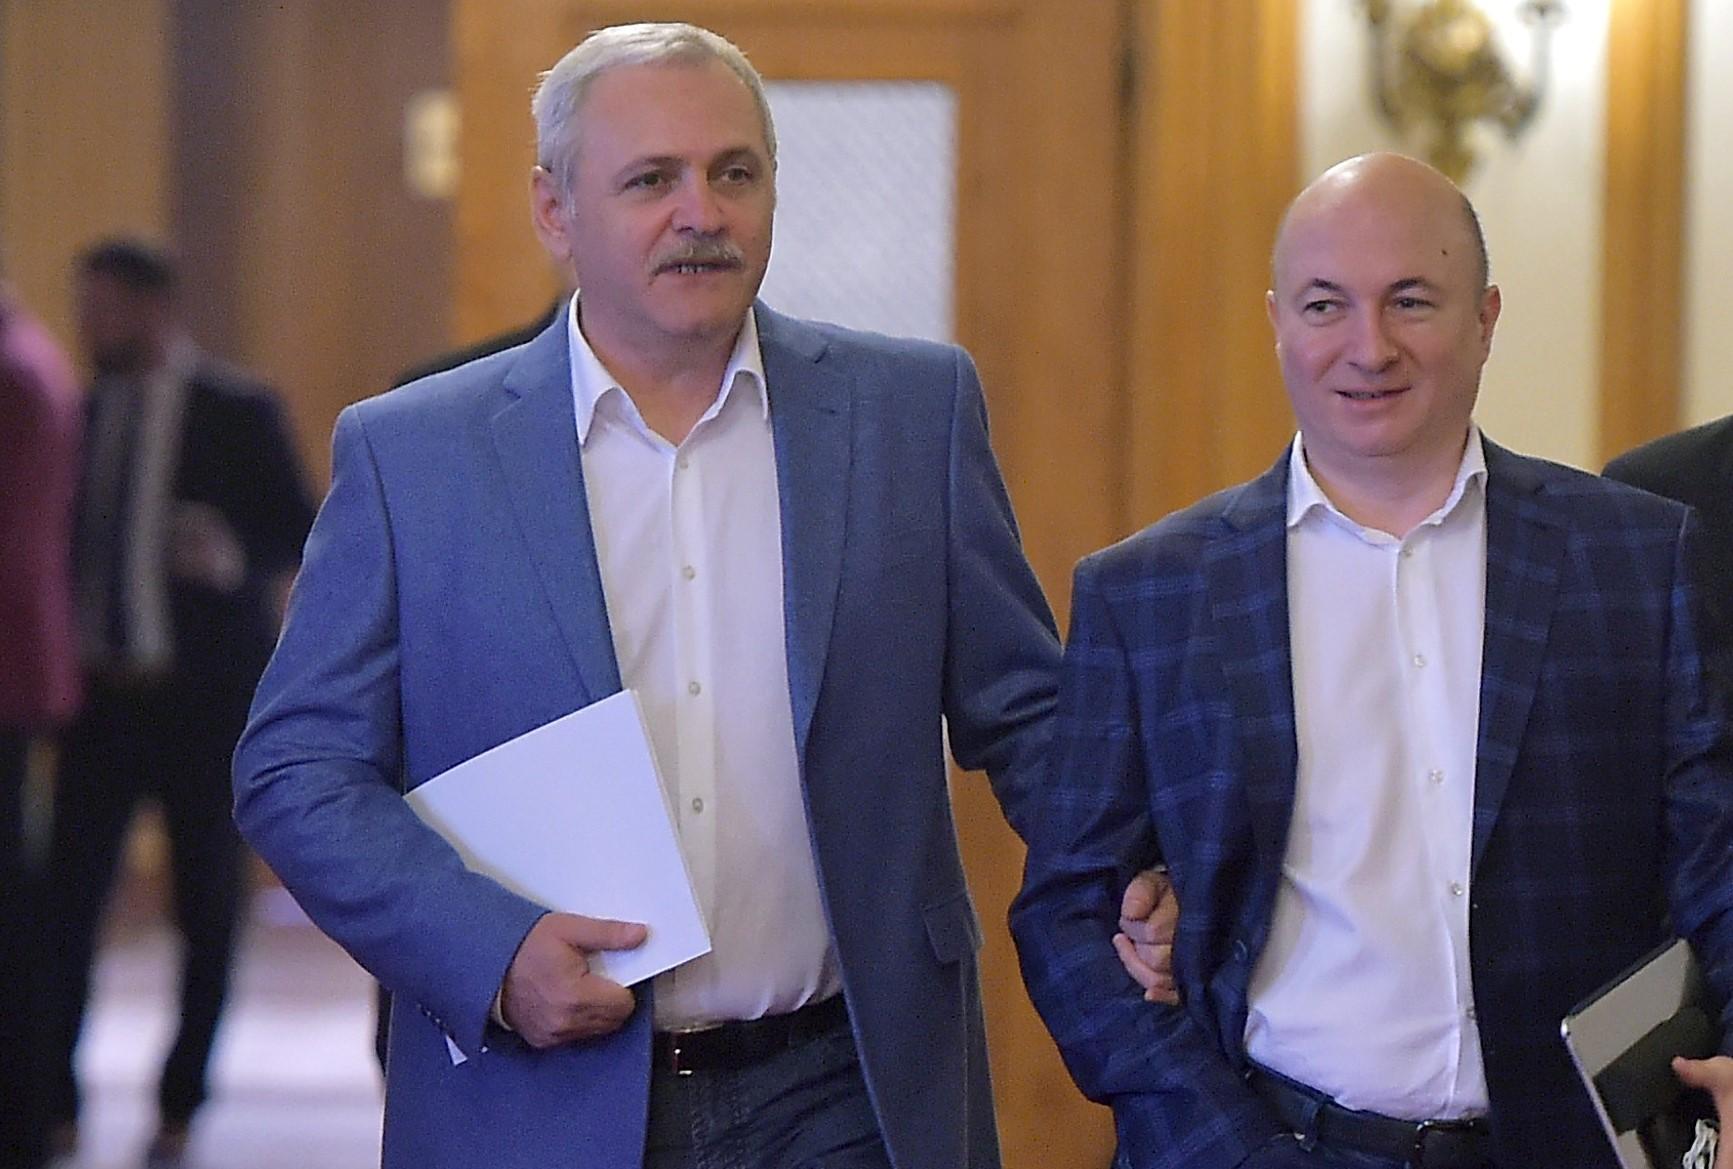 Codrin Ştefănescu, mesaj Facebook după decizia de eliberare a lui Liviu Dragnea: E liber!